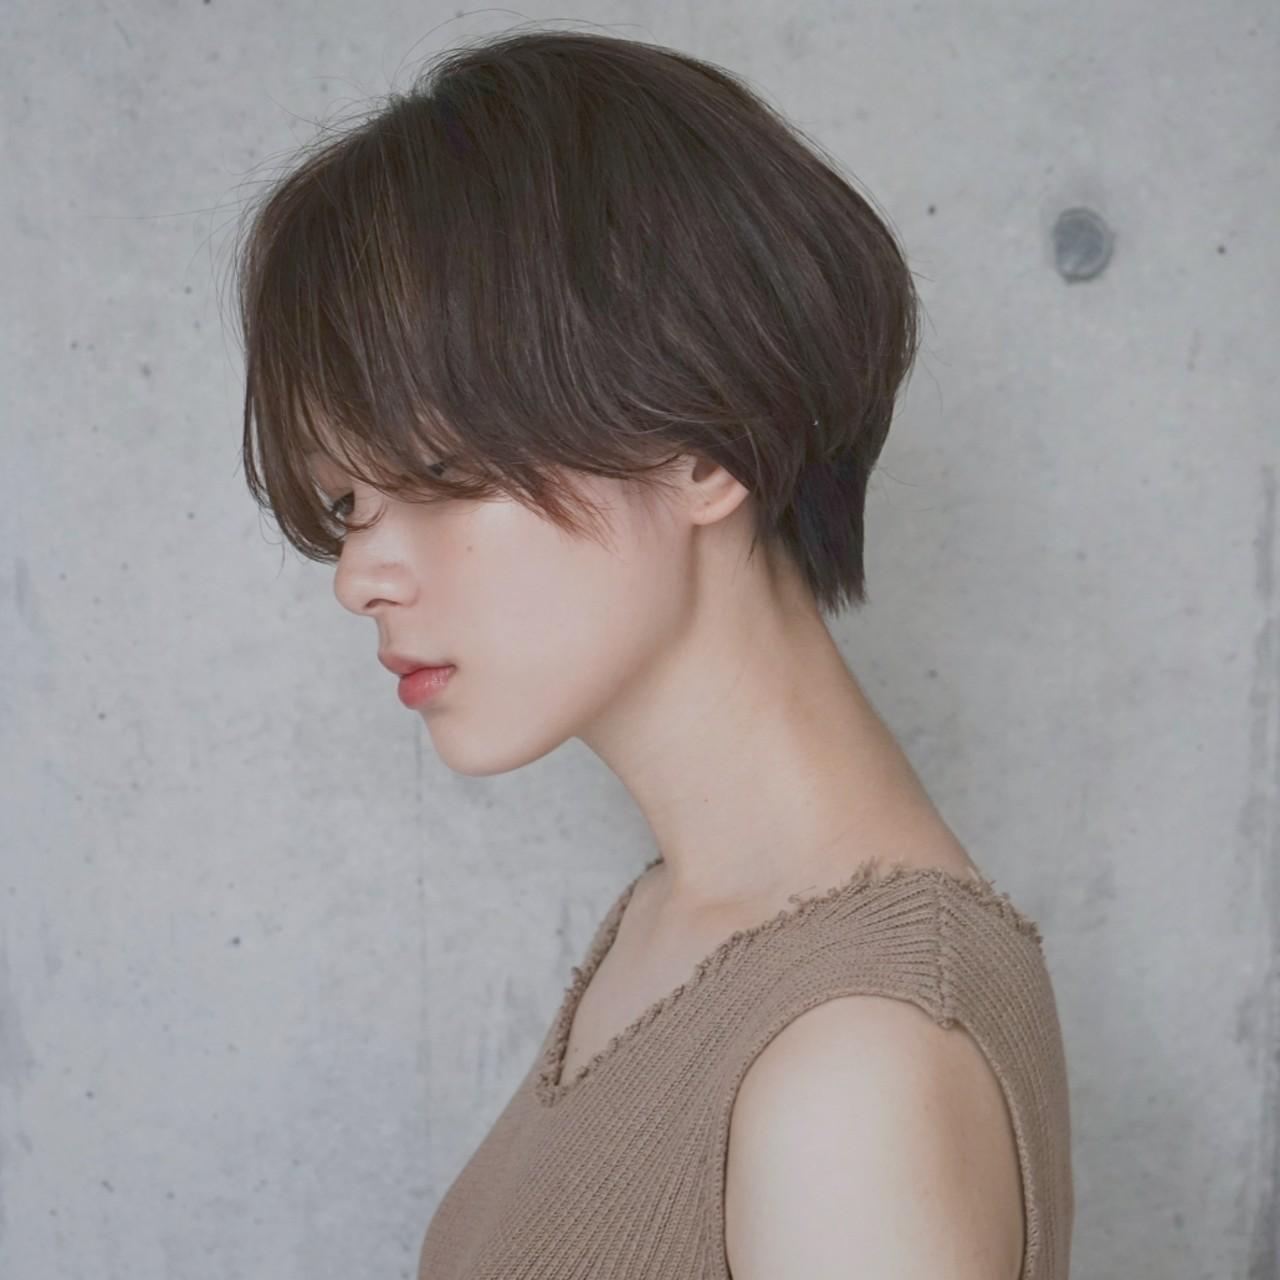 アンニュイ 抜け感 ショート ゆるふわ ヘアスタイルや髪型の写真・画像 | タカハシ アヤミ / trail by ROVER